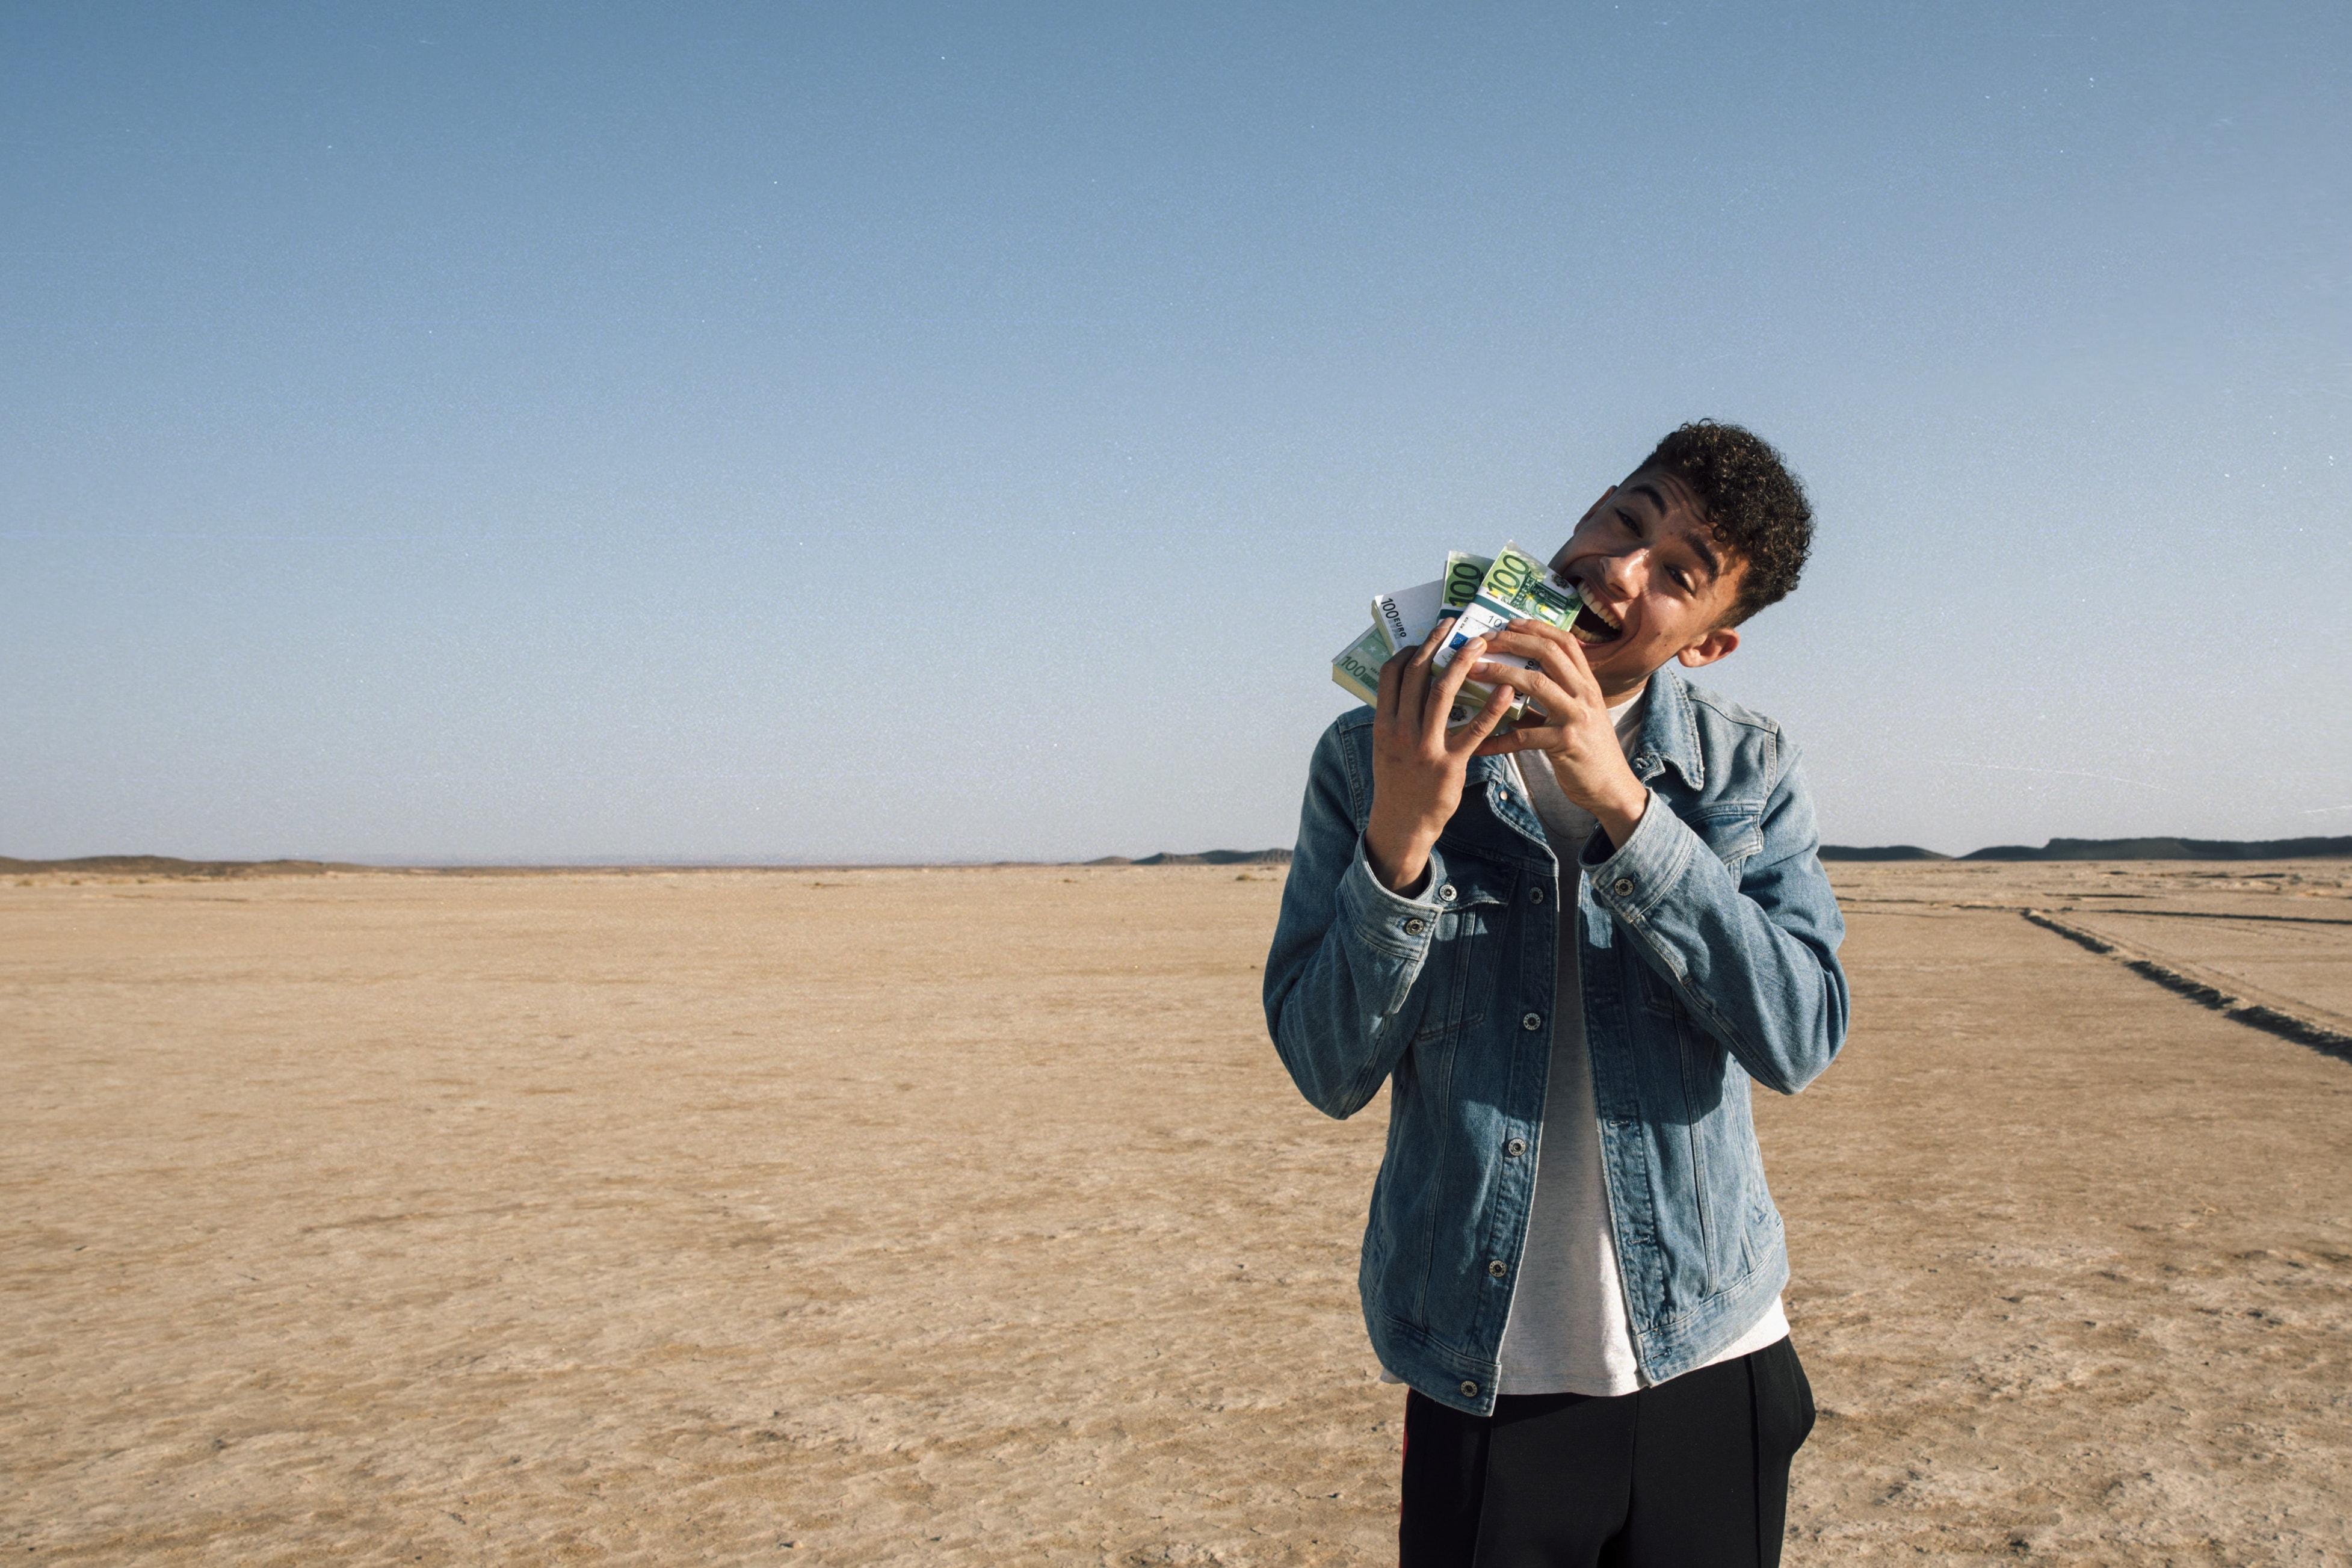 Ein Junge is located in einer Wüste